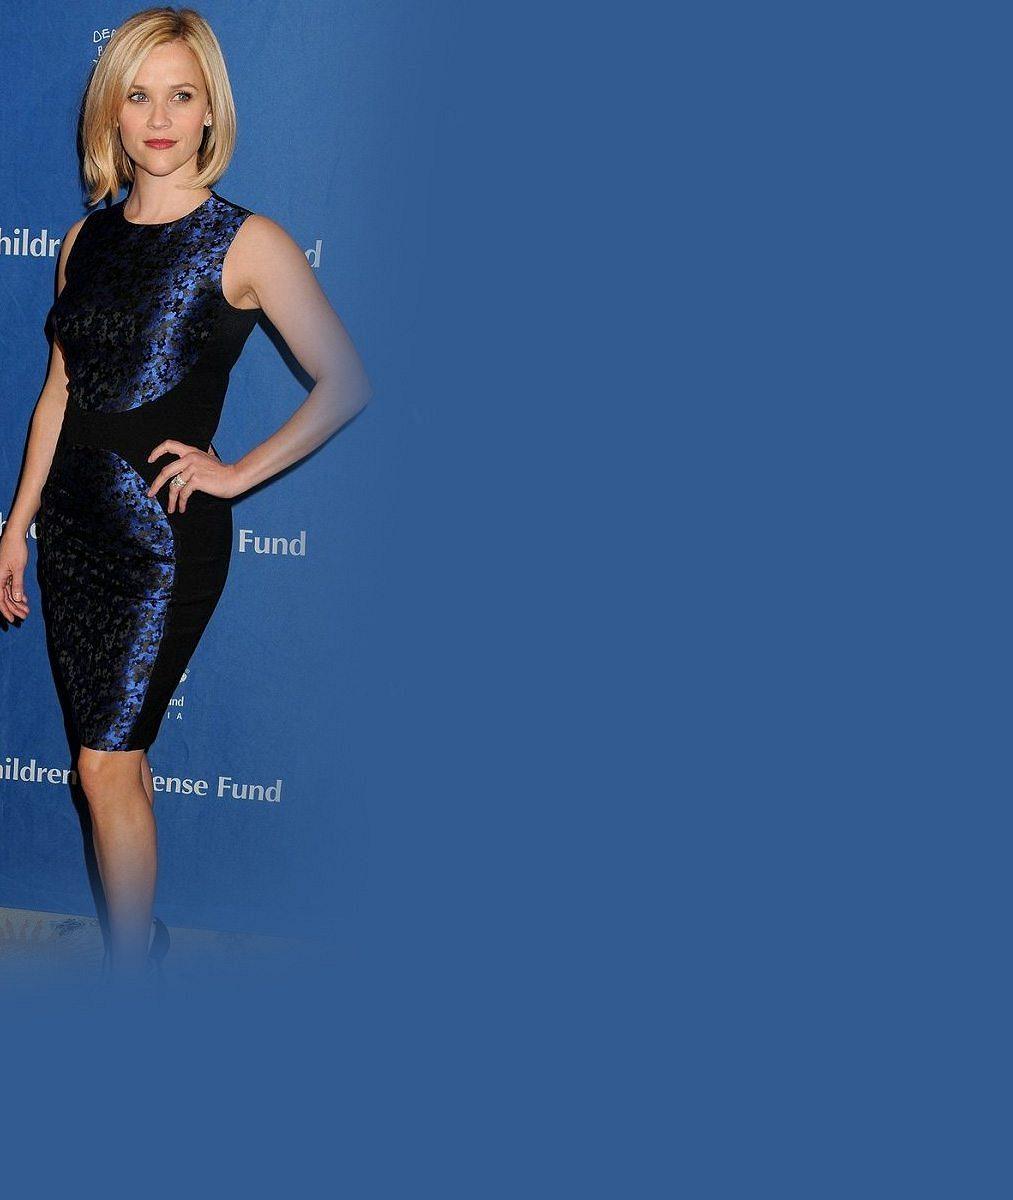 Za 13 let se nic nezměnilo: Reese Witherspoon je i po třech dětech věrná stylu pravé blondýnky